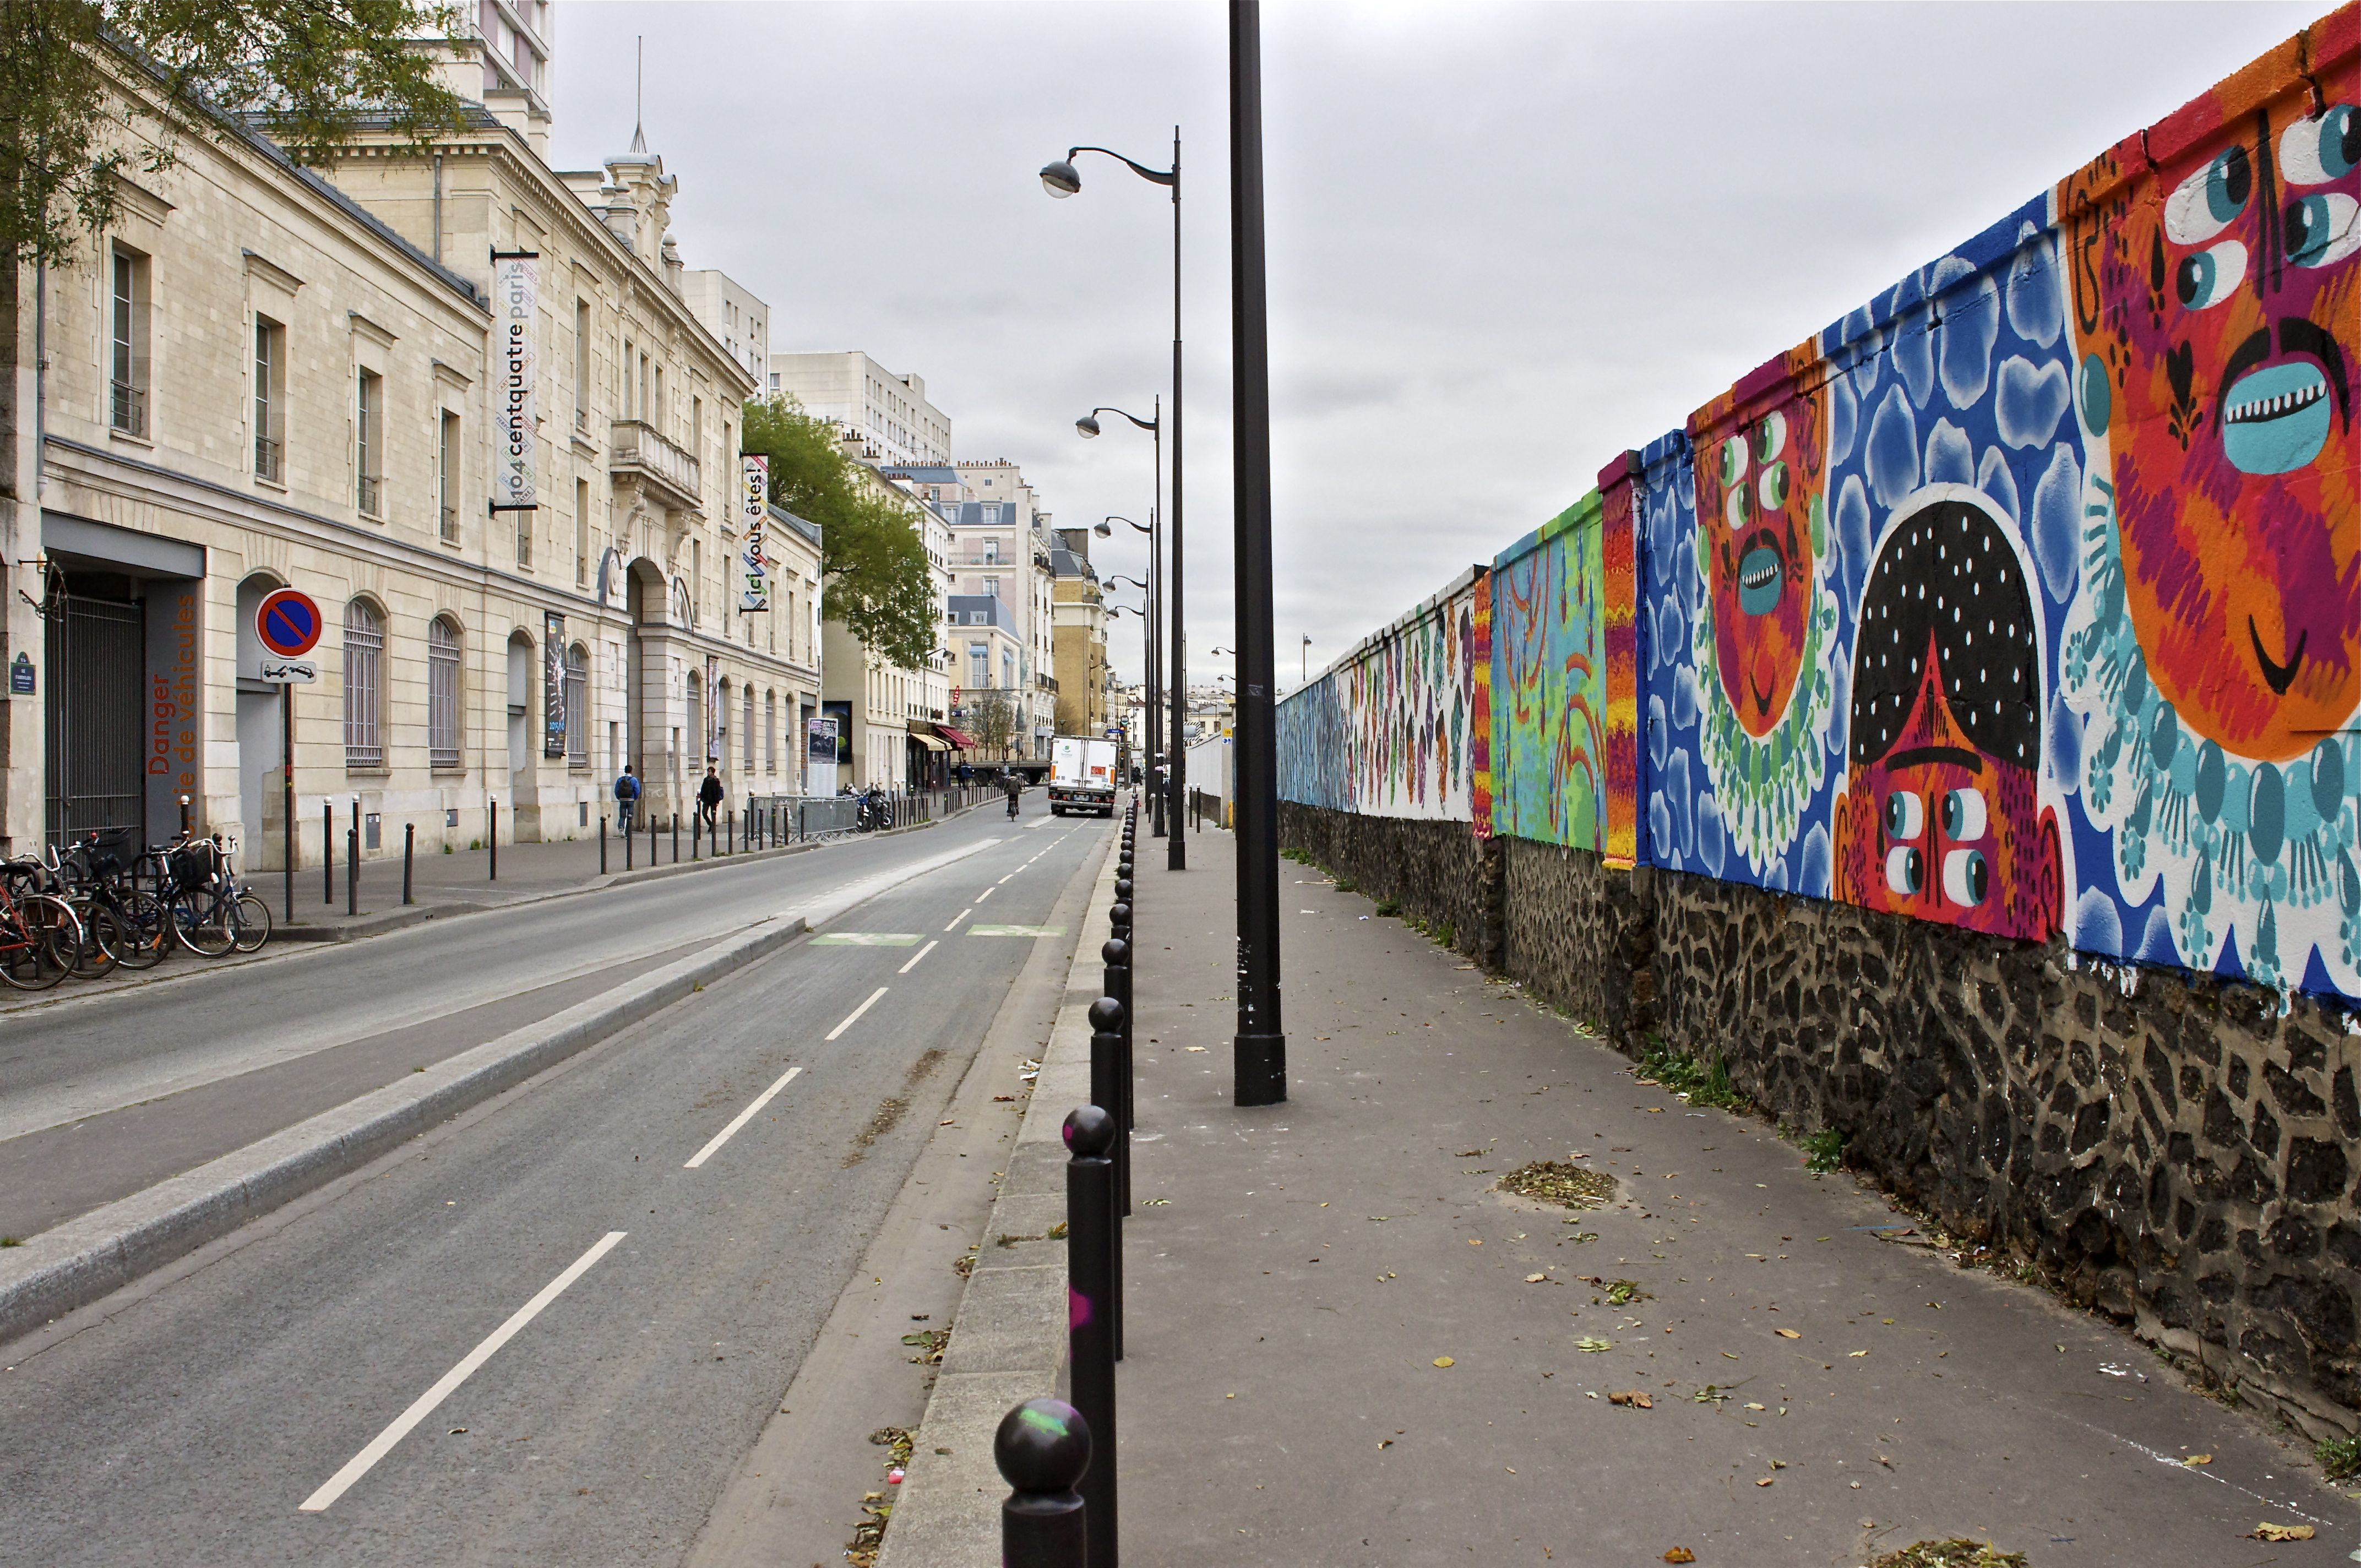 rue-daubervilliers